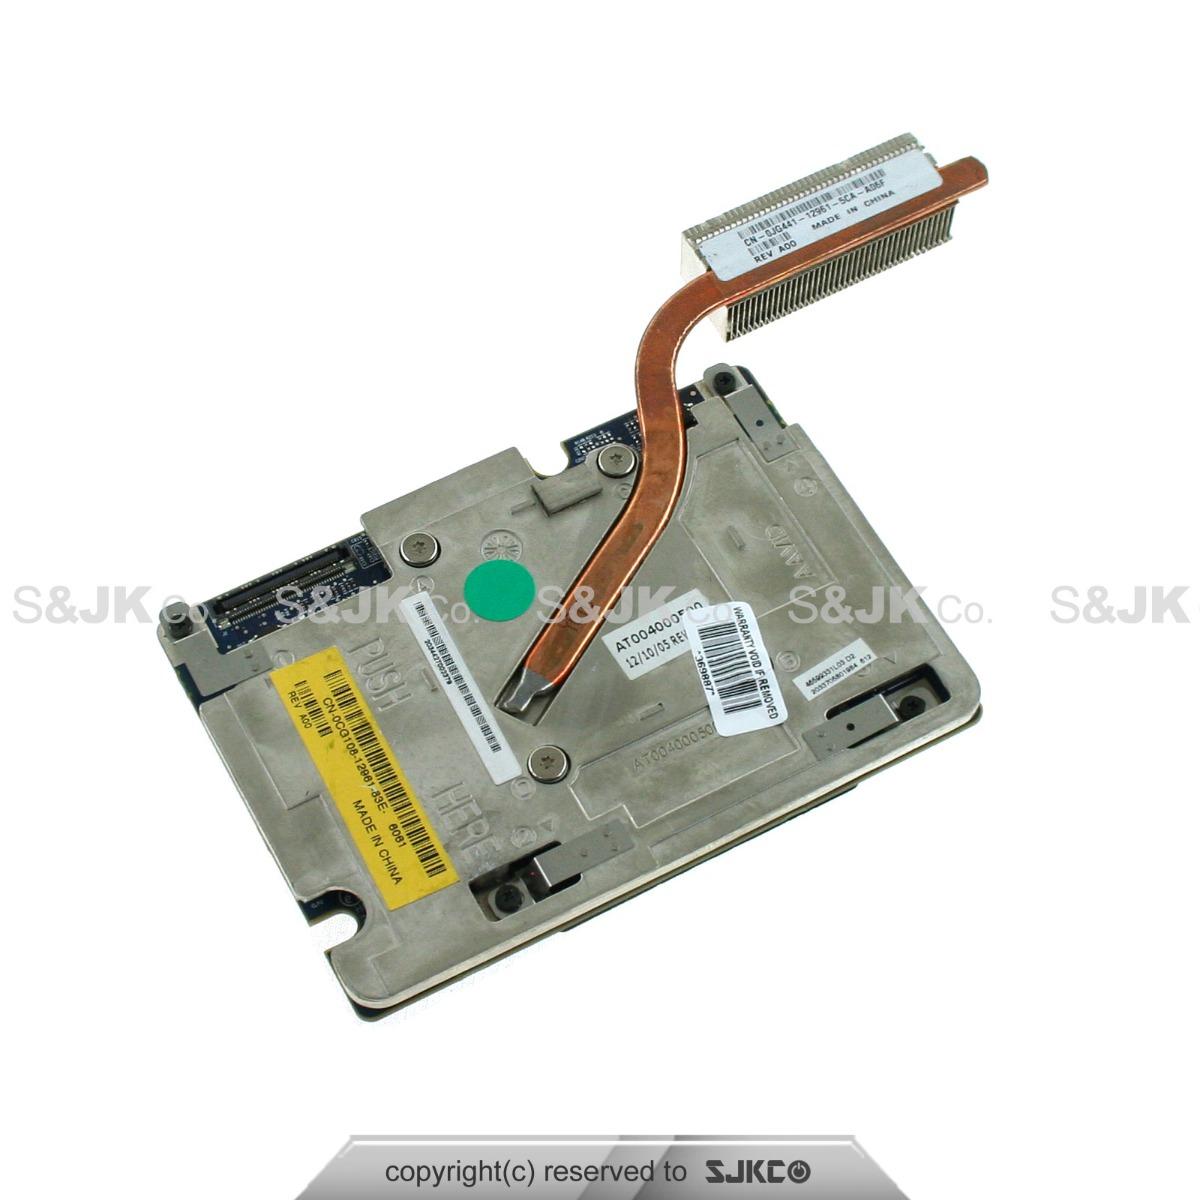 Genuine Dell Inspiron 9400 E1705 NVIDIA Geforce Go 7800 256MB Graphic